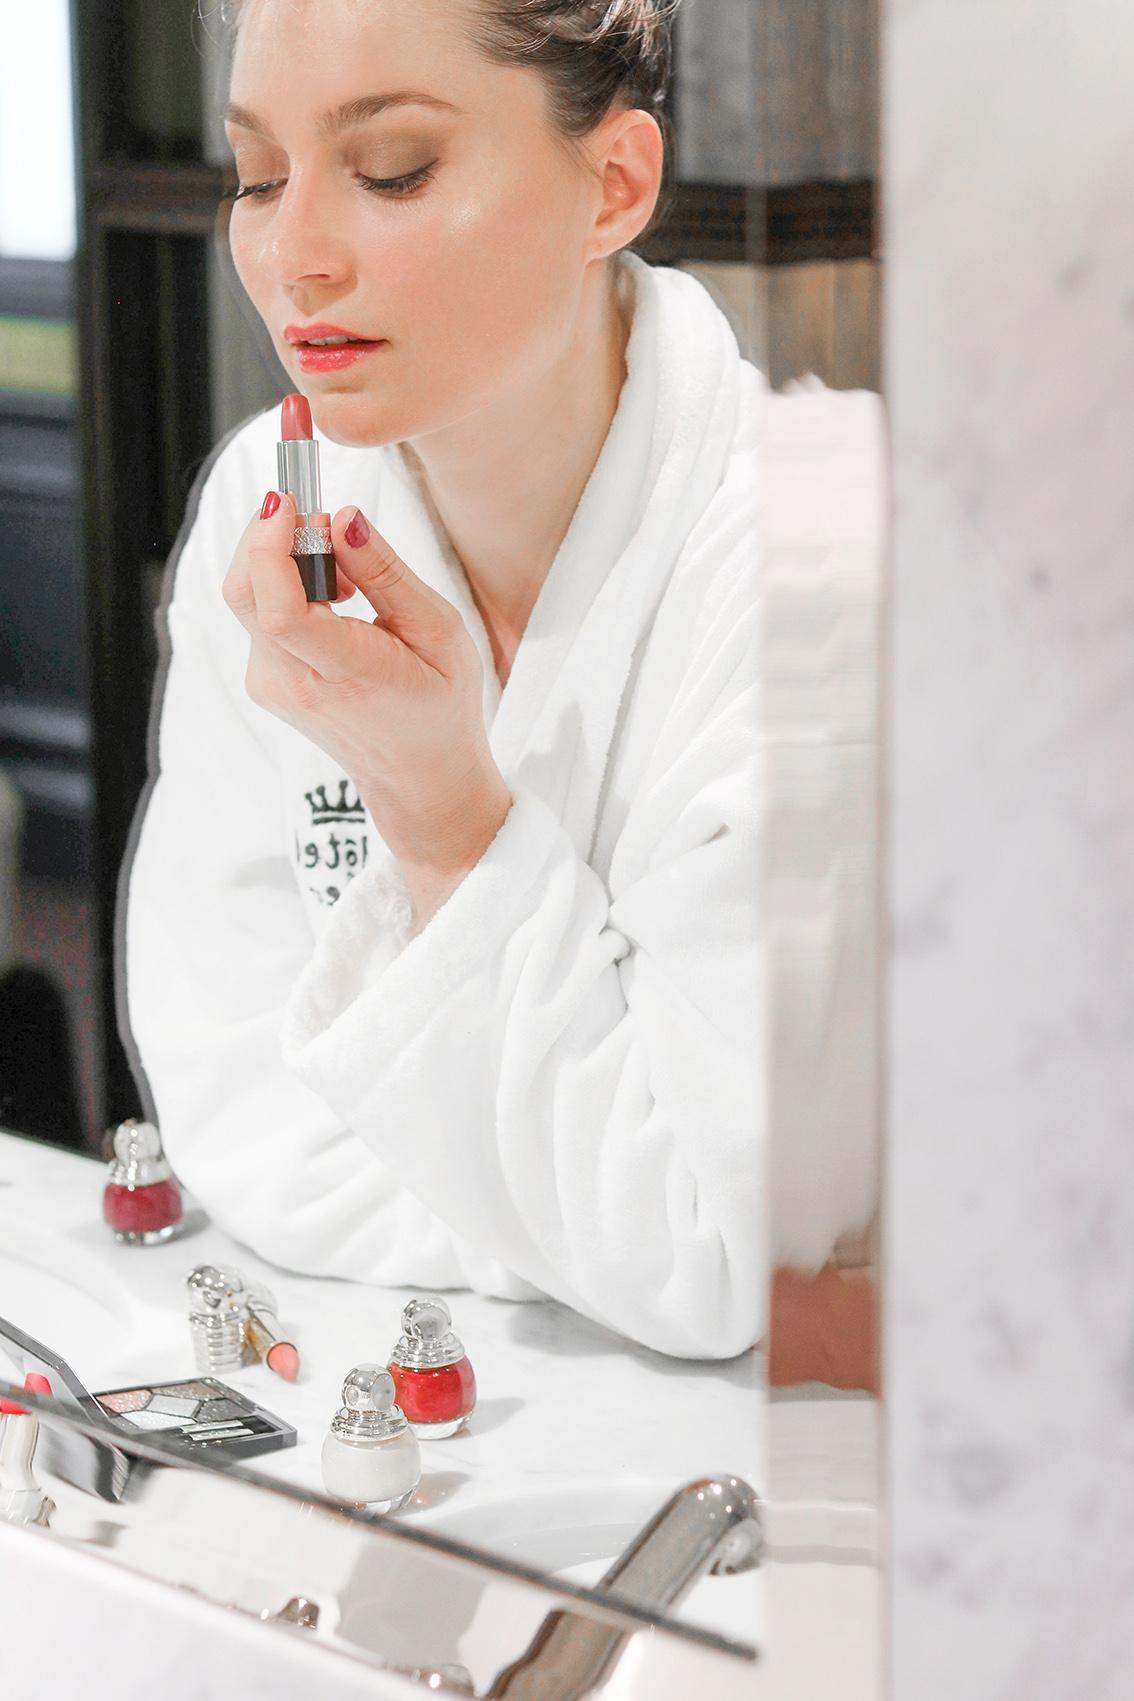 maquillage-dior-avis